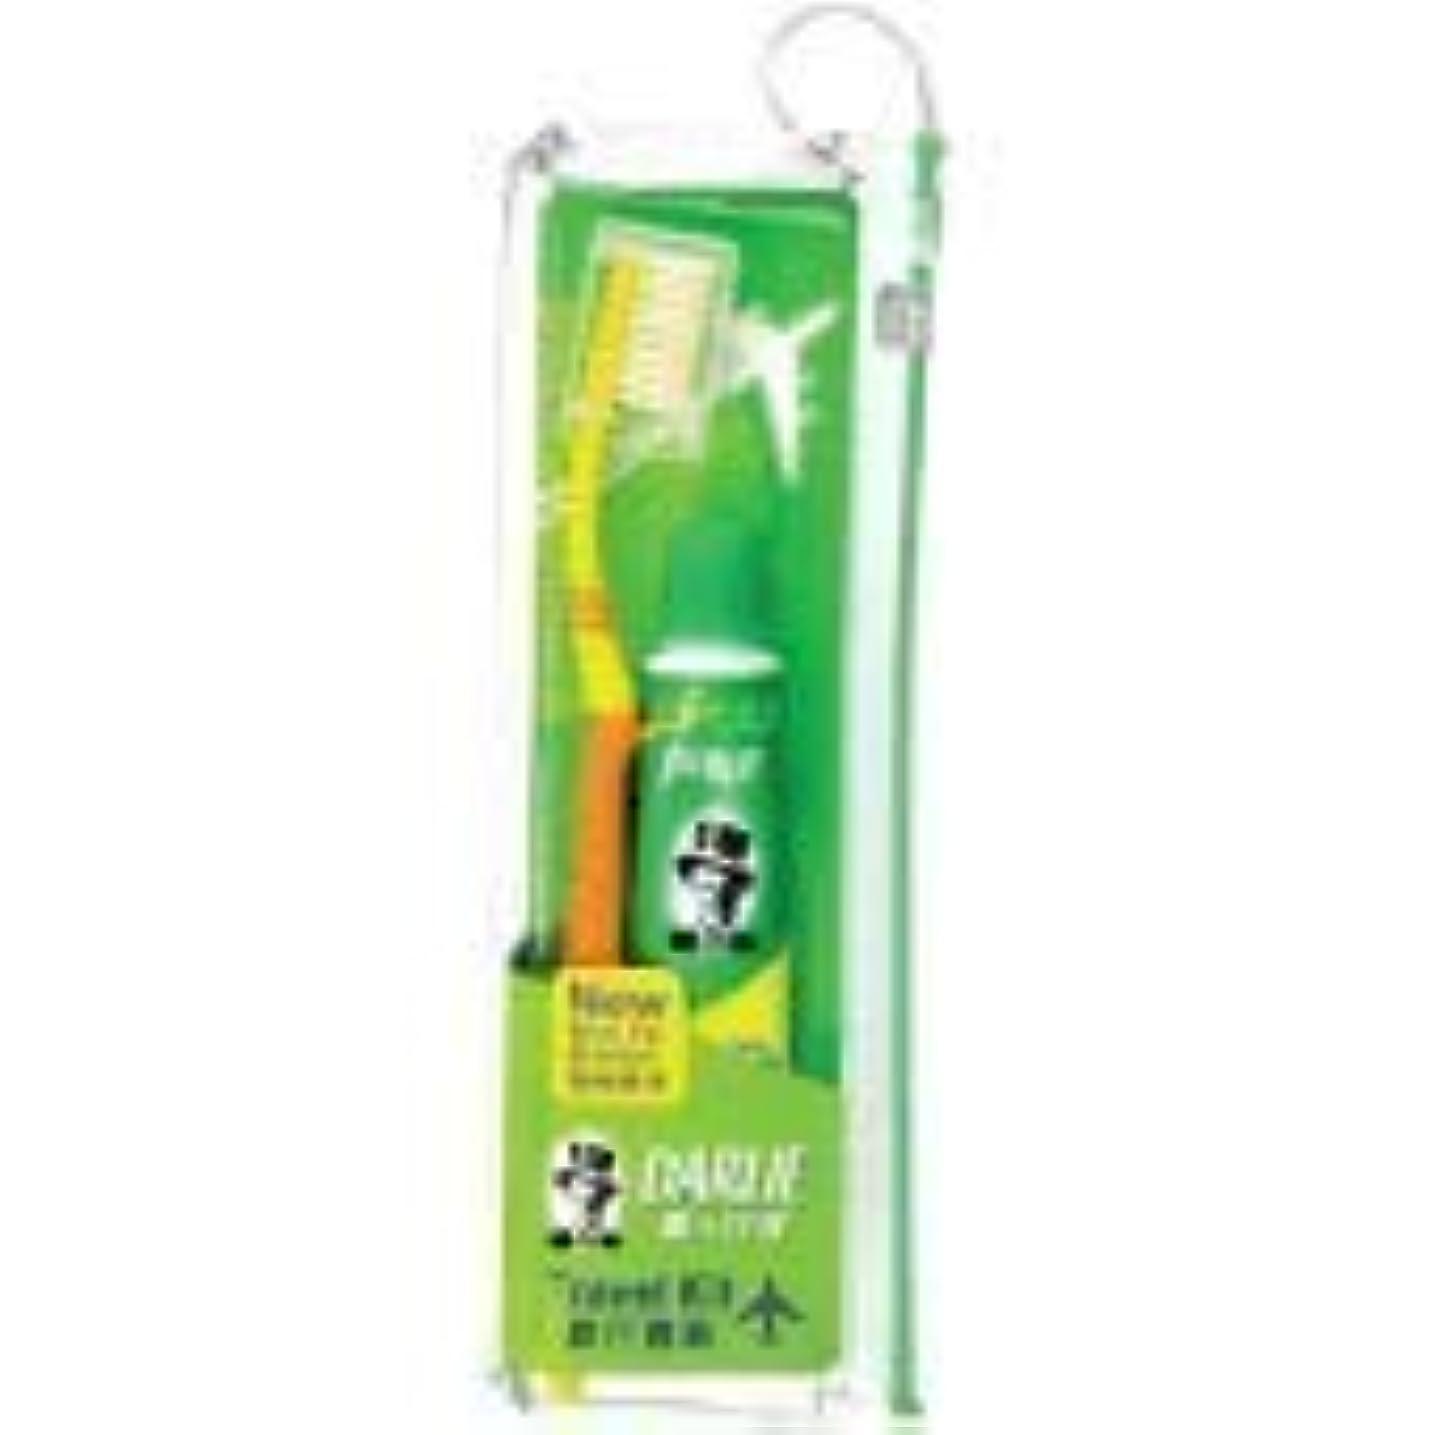 モジュール怒る顕現DARLIE 歯ブラシ旅行キット大人用媒体1 - 頻繁な旅行者にとって、シンプルさは不可欠です。ダリーダブルアクショントラベルキット